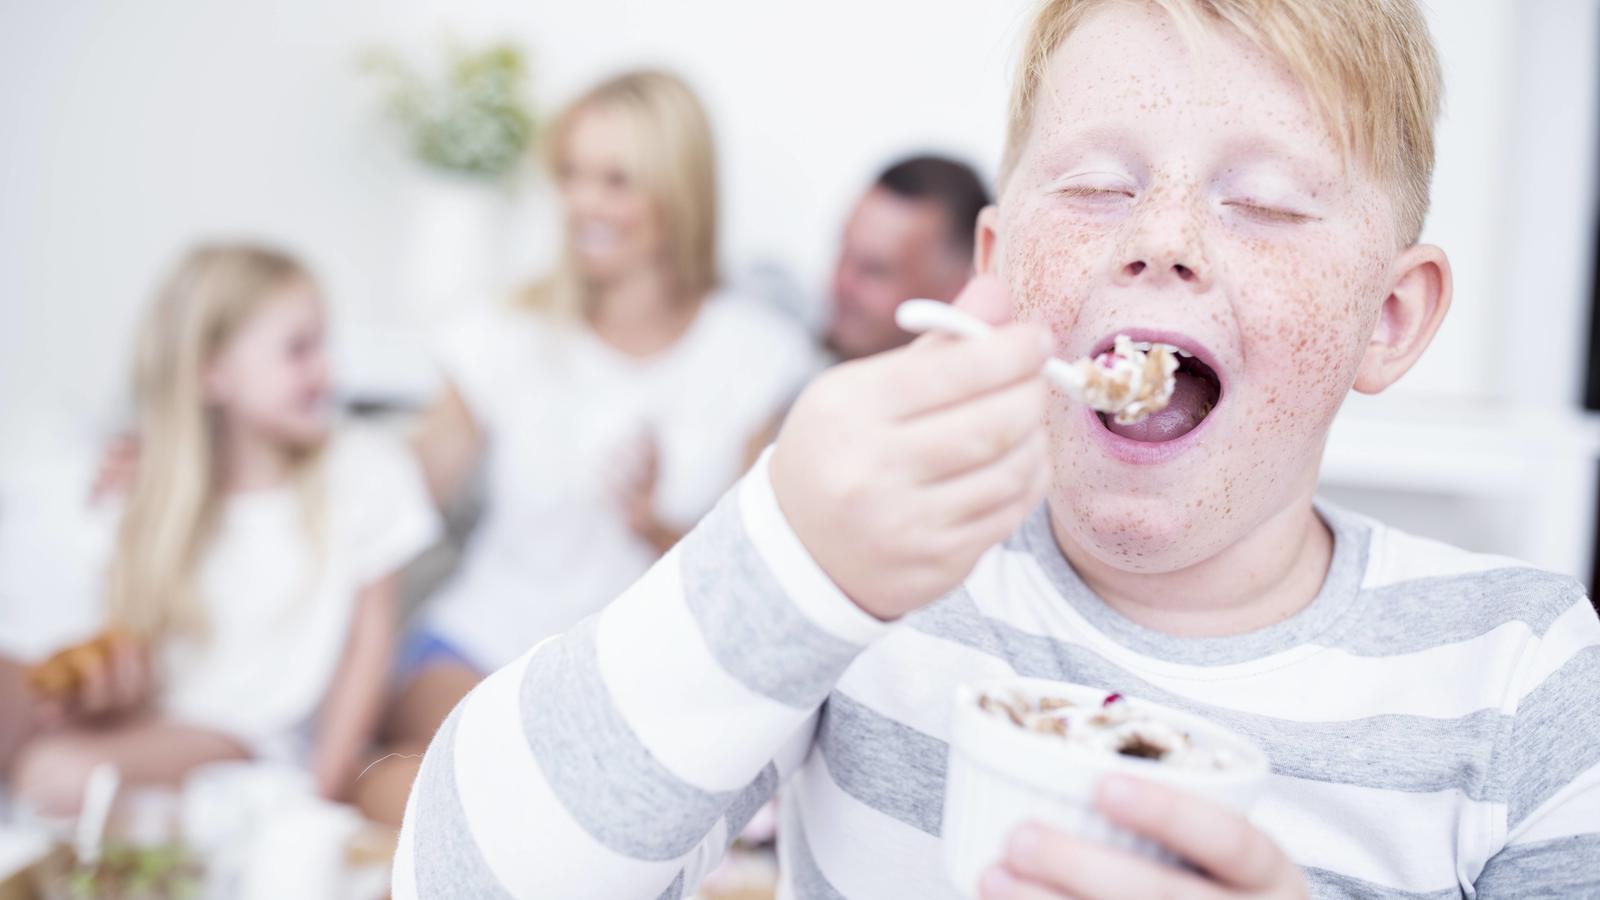 Gerade viele Frühstücks-Produkte für Kinder sind ungesund.